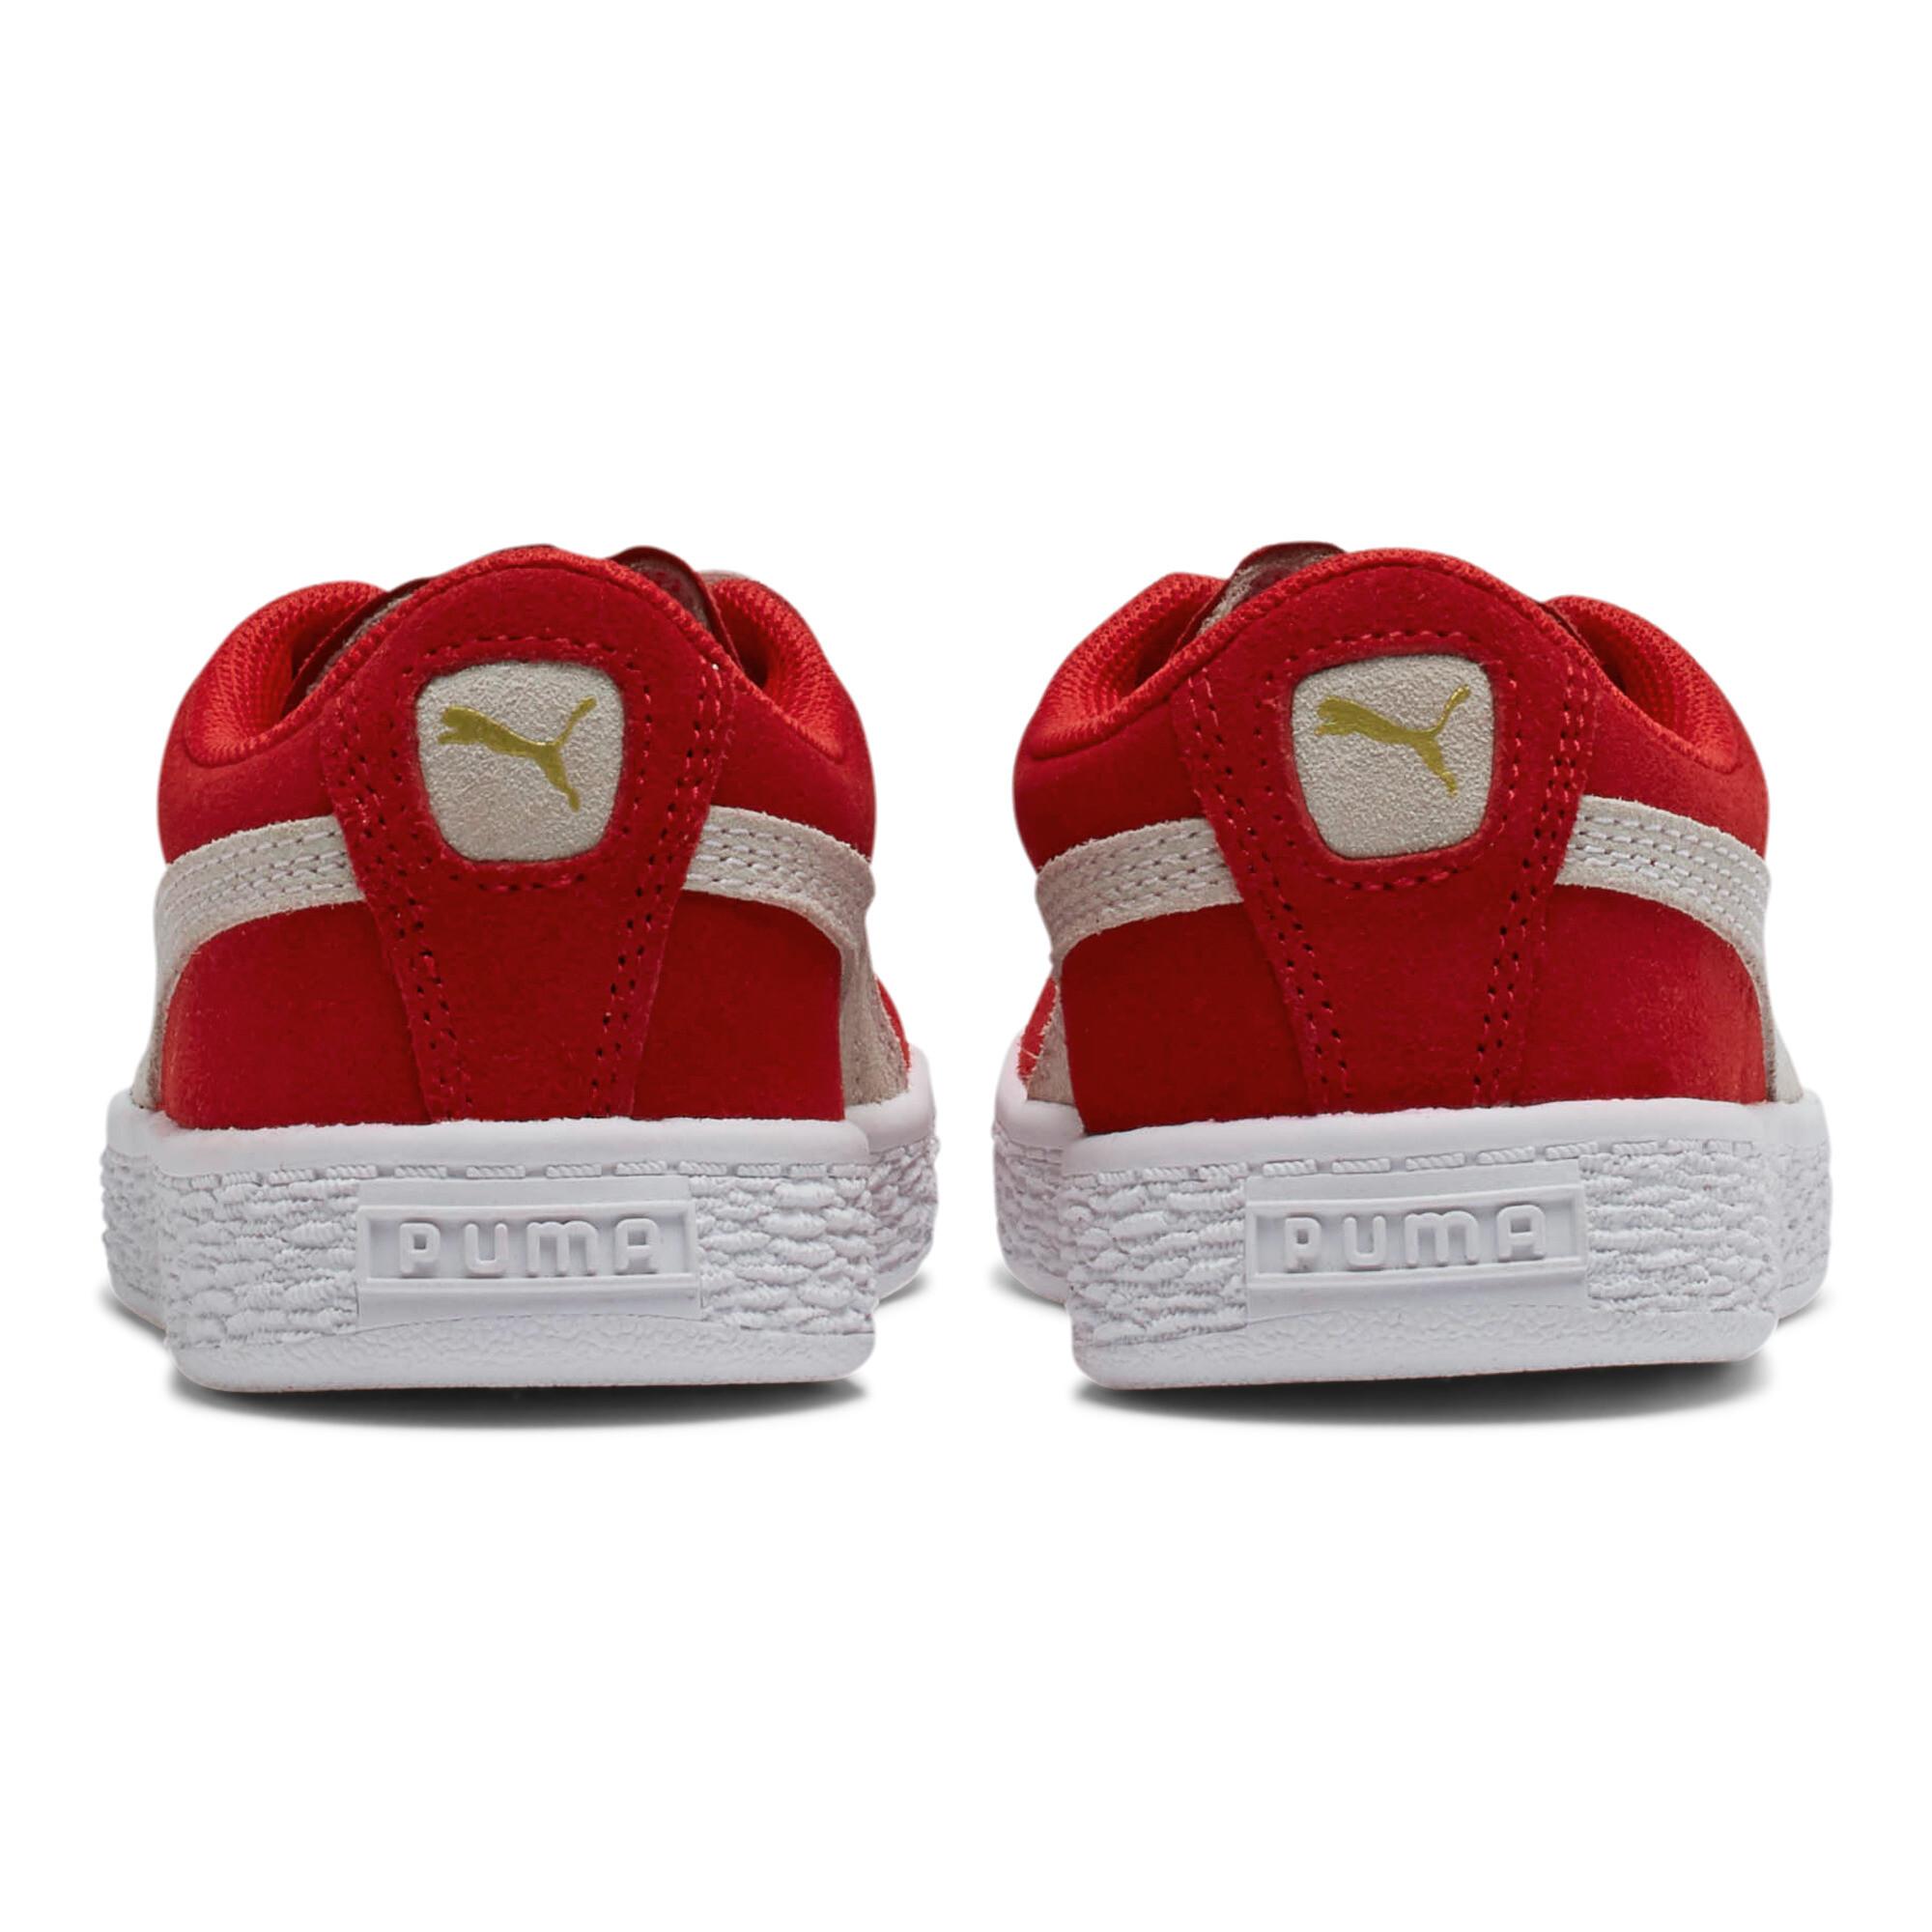 PUMA-Suede-Little-Kids-039-Shoes-Kids-Shoe-Kids thumbnail 7